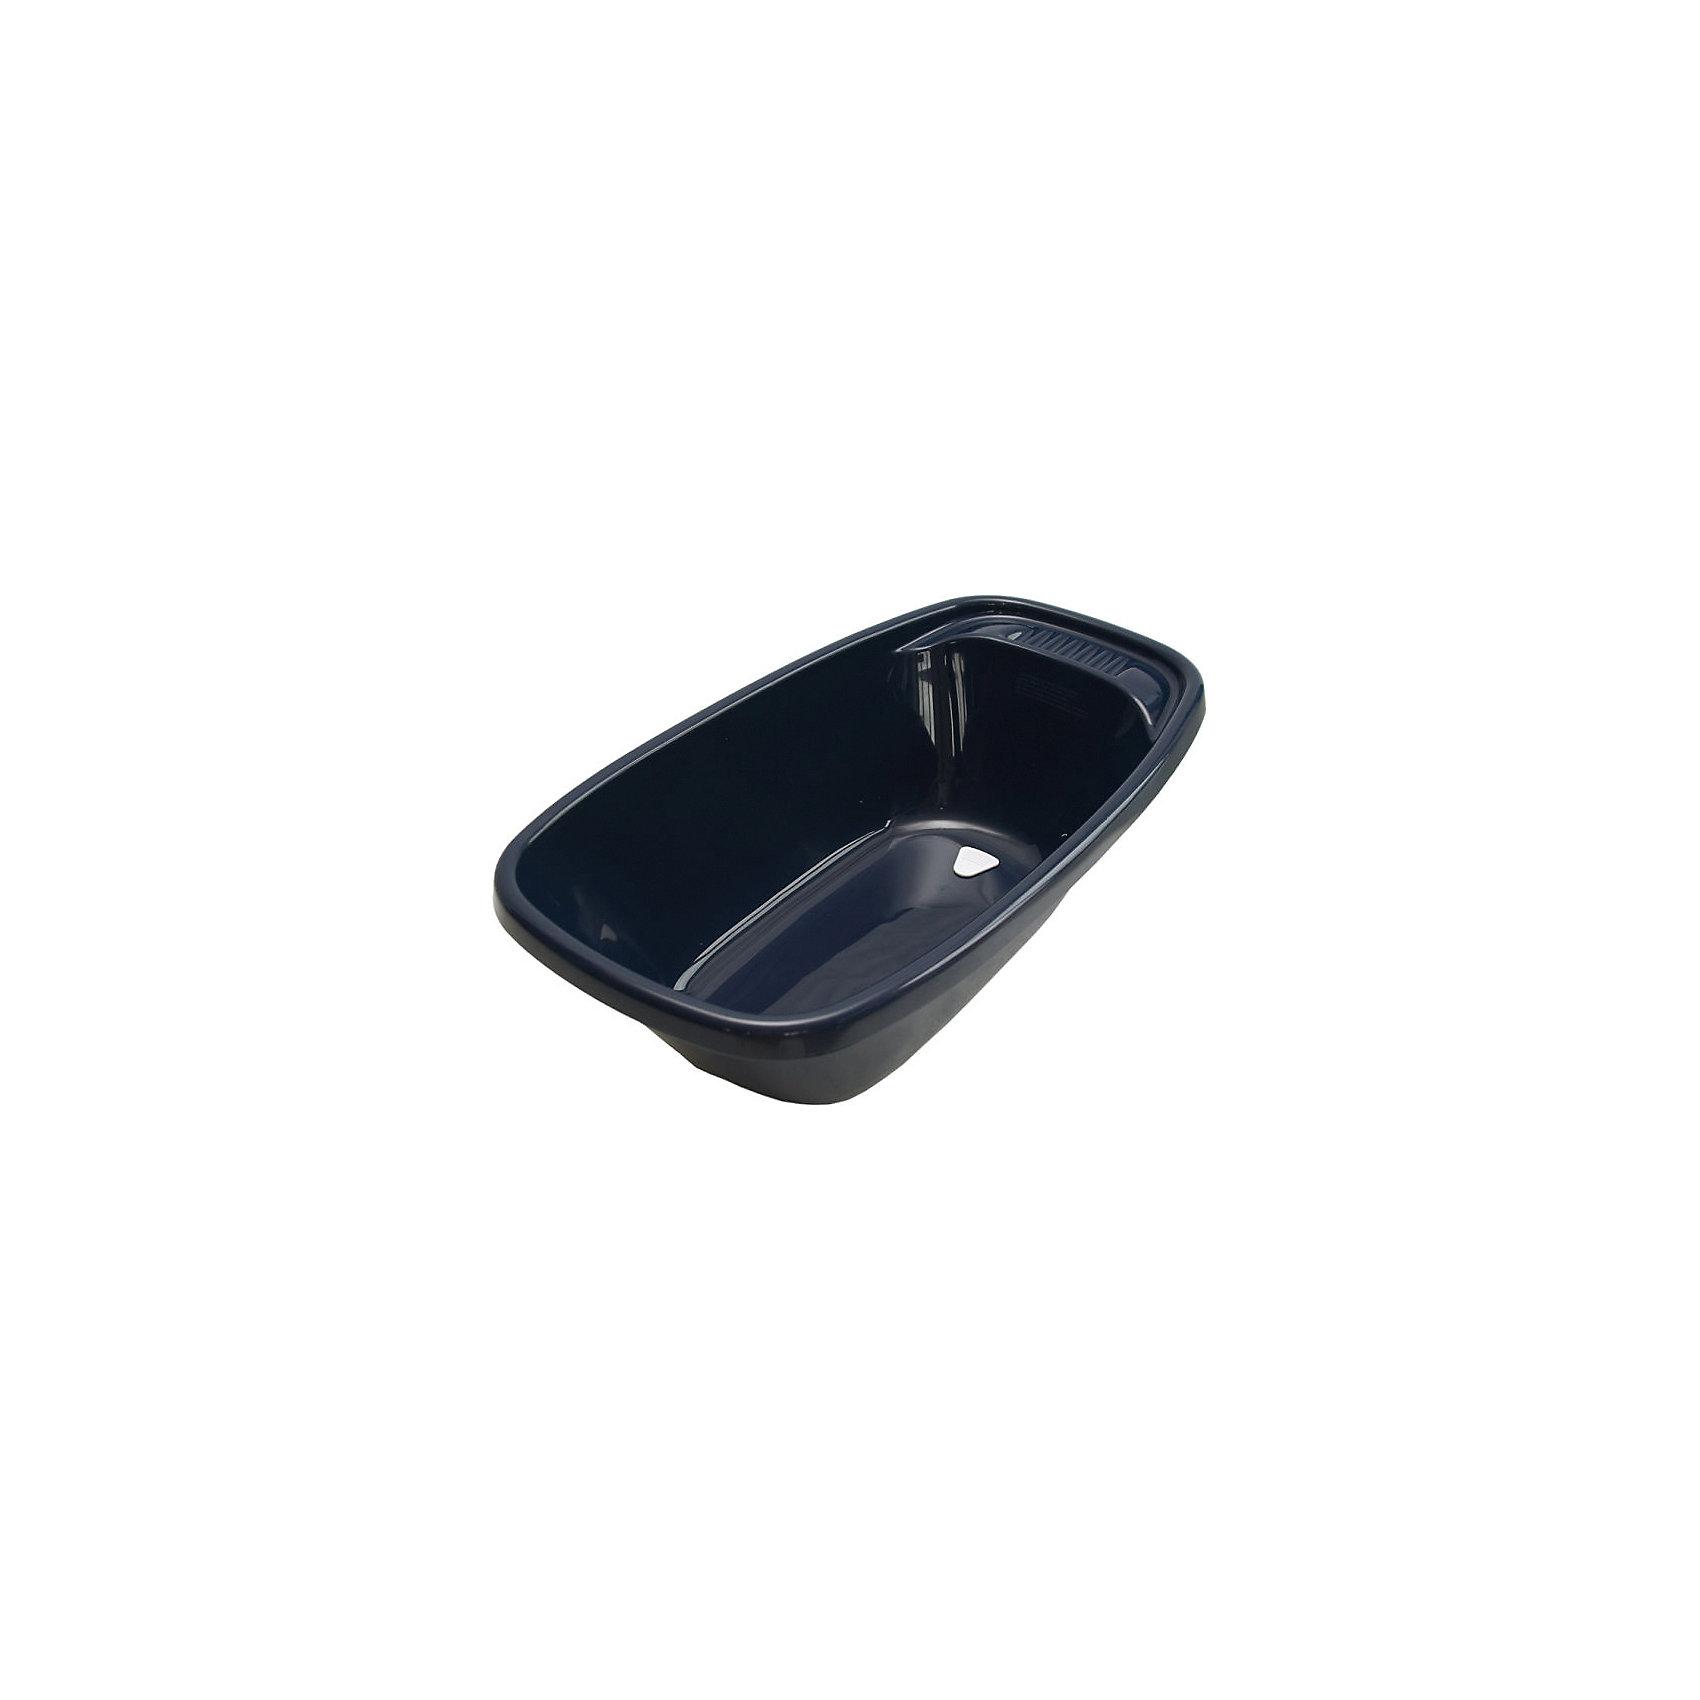 Детская ванна с крышкой стока, пластик, Geuther, голубойВанны, горки, сиденья<br>Детская ванна с крышкой стока, пластик, Geuther, голубой<br><br>Характеристики:<br>- Материал: пластик<br>- Объем: до 35 л.<br>- Размер: 24 * 43 * 82 см.<br>- Вес: 1,4 кг.<br>Детская ванна с крышкой стока от немецкого бренда, Geuther (Гётер) поможет обеспечивать необходимую гигиену для крохи в первые месяцы жизни. Практичный темно-синий цвет подойдет как девочкам, так и мальчикам и впишется в интерьер любой ванной комнаты. Удобная крышка слива упростит  слив воды, оставив за собой только комфорт от купания. Небольшая полочка позволяет поставить любимые средства для купания.  Легкая, за счет прочного высококачественного пластика, ванночка легко переносится и убирается. Отличное немецкое качество обеспечивает должную заботу о крохе.<br><br>Детскую ванну с крышкой стока, пластик, голубой, Geuther (Гётер) можно купить в нашем интернет-магазине.<br>Подробнее:<br>• Для детей в возрасте: от 0 до 18 месяцев <br>• Номер товара: 5089873<br>Страна производитель: Германия<br><br>Ширина мм: 820<br>Глубина мм: 250<br>Высота мм: 430<br>Вес г: 1400<br>Возраст от месяцев: 0<br>Возраст до месяцев: 18<br>Пол: Унисекс<br>Возраст: Детский<br>SKU: 5089873